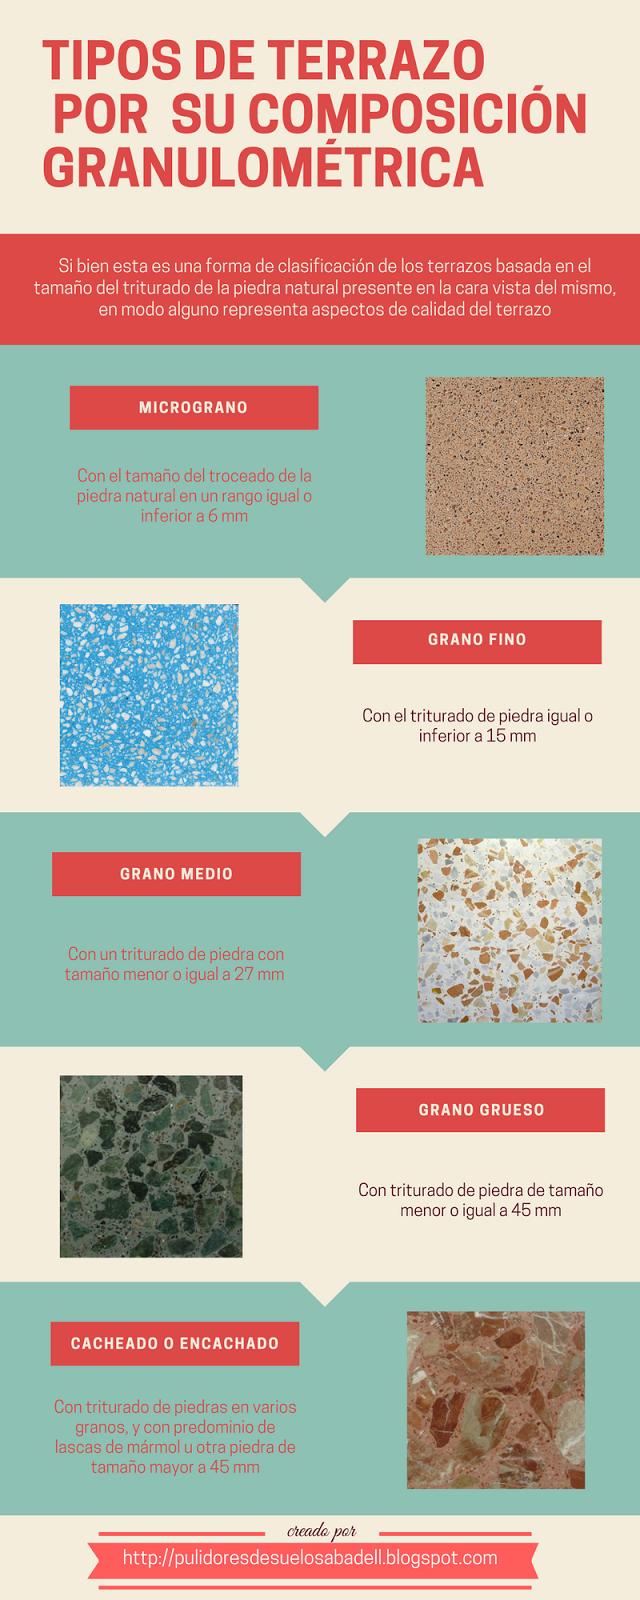 Pulido y abrillantado de suelos pulidores de suelos en for Marmol clasificacion